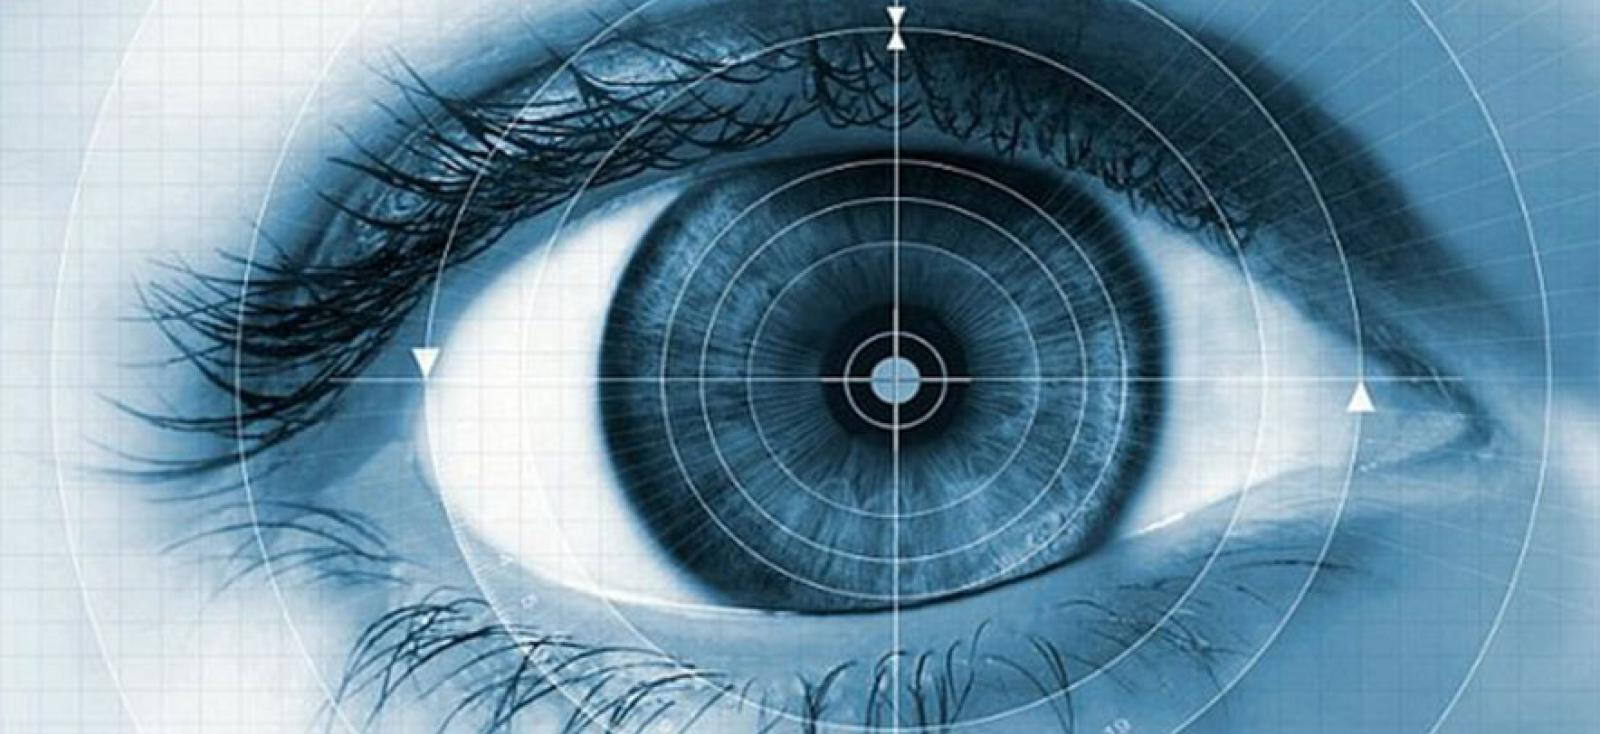 2602 0547 1 olho bionico lente2015 11 23 090936363939